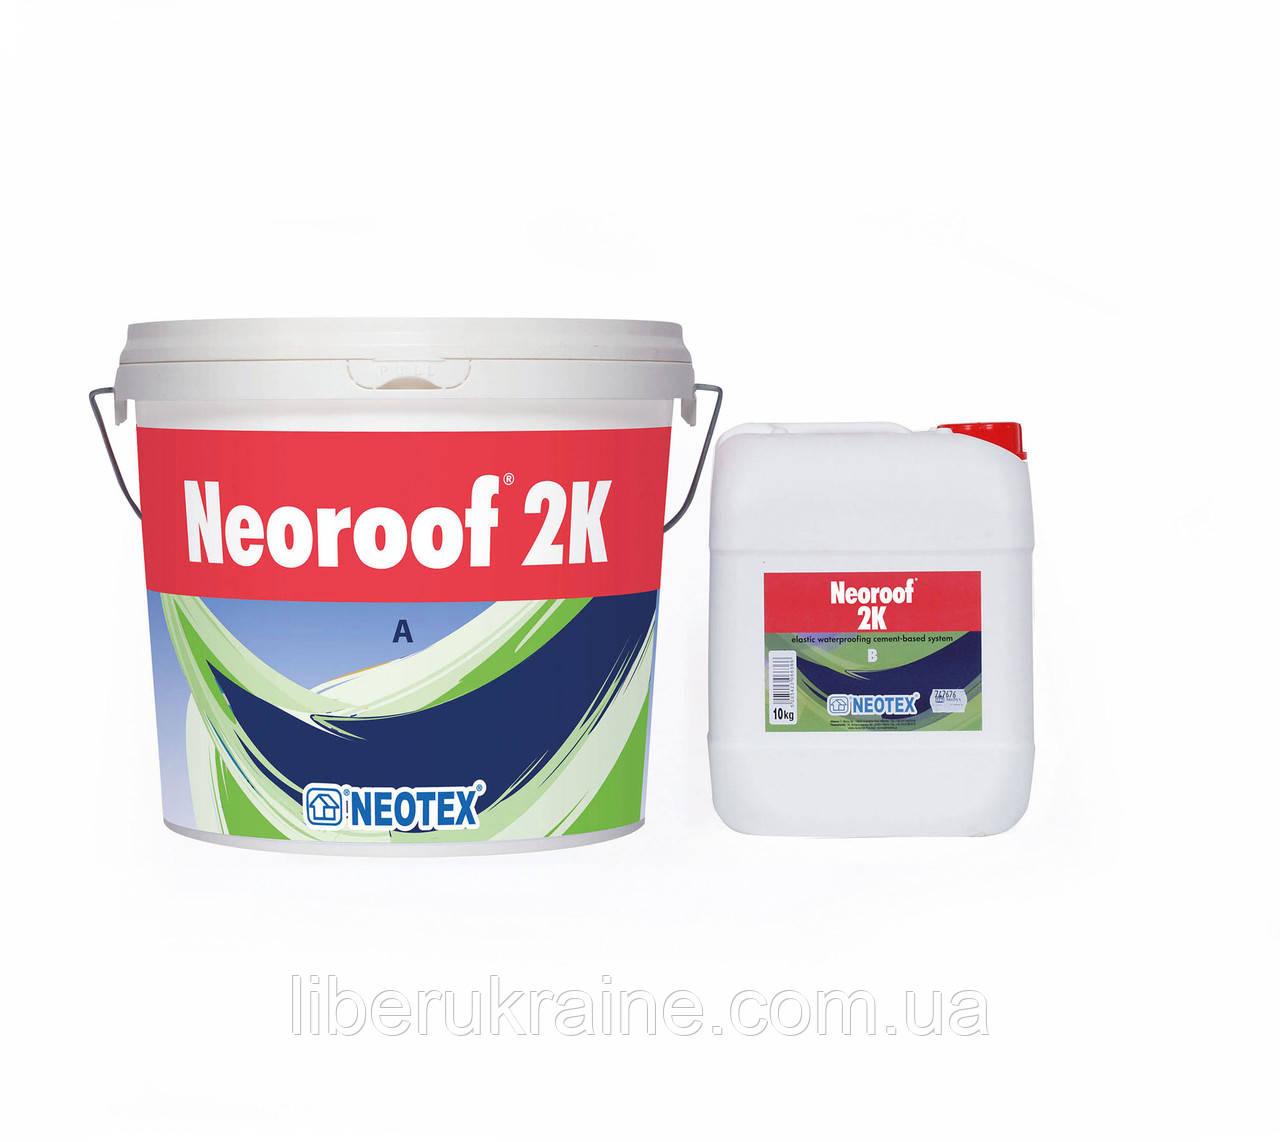 """NEOROOF 2K white - ООО """"Либер"""" в Киеве"""